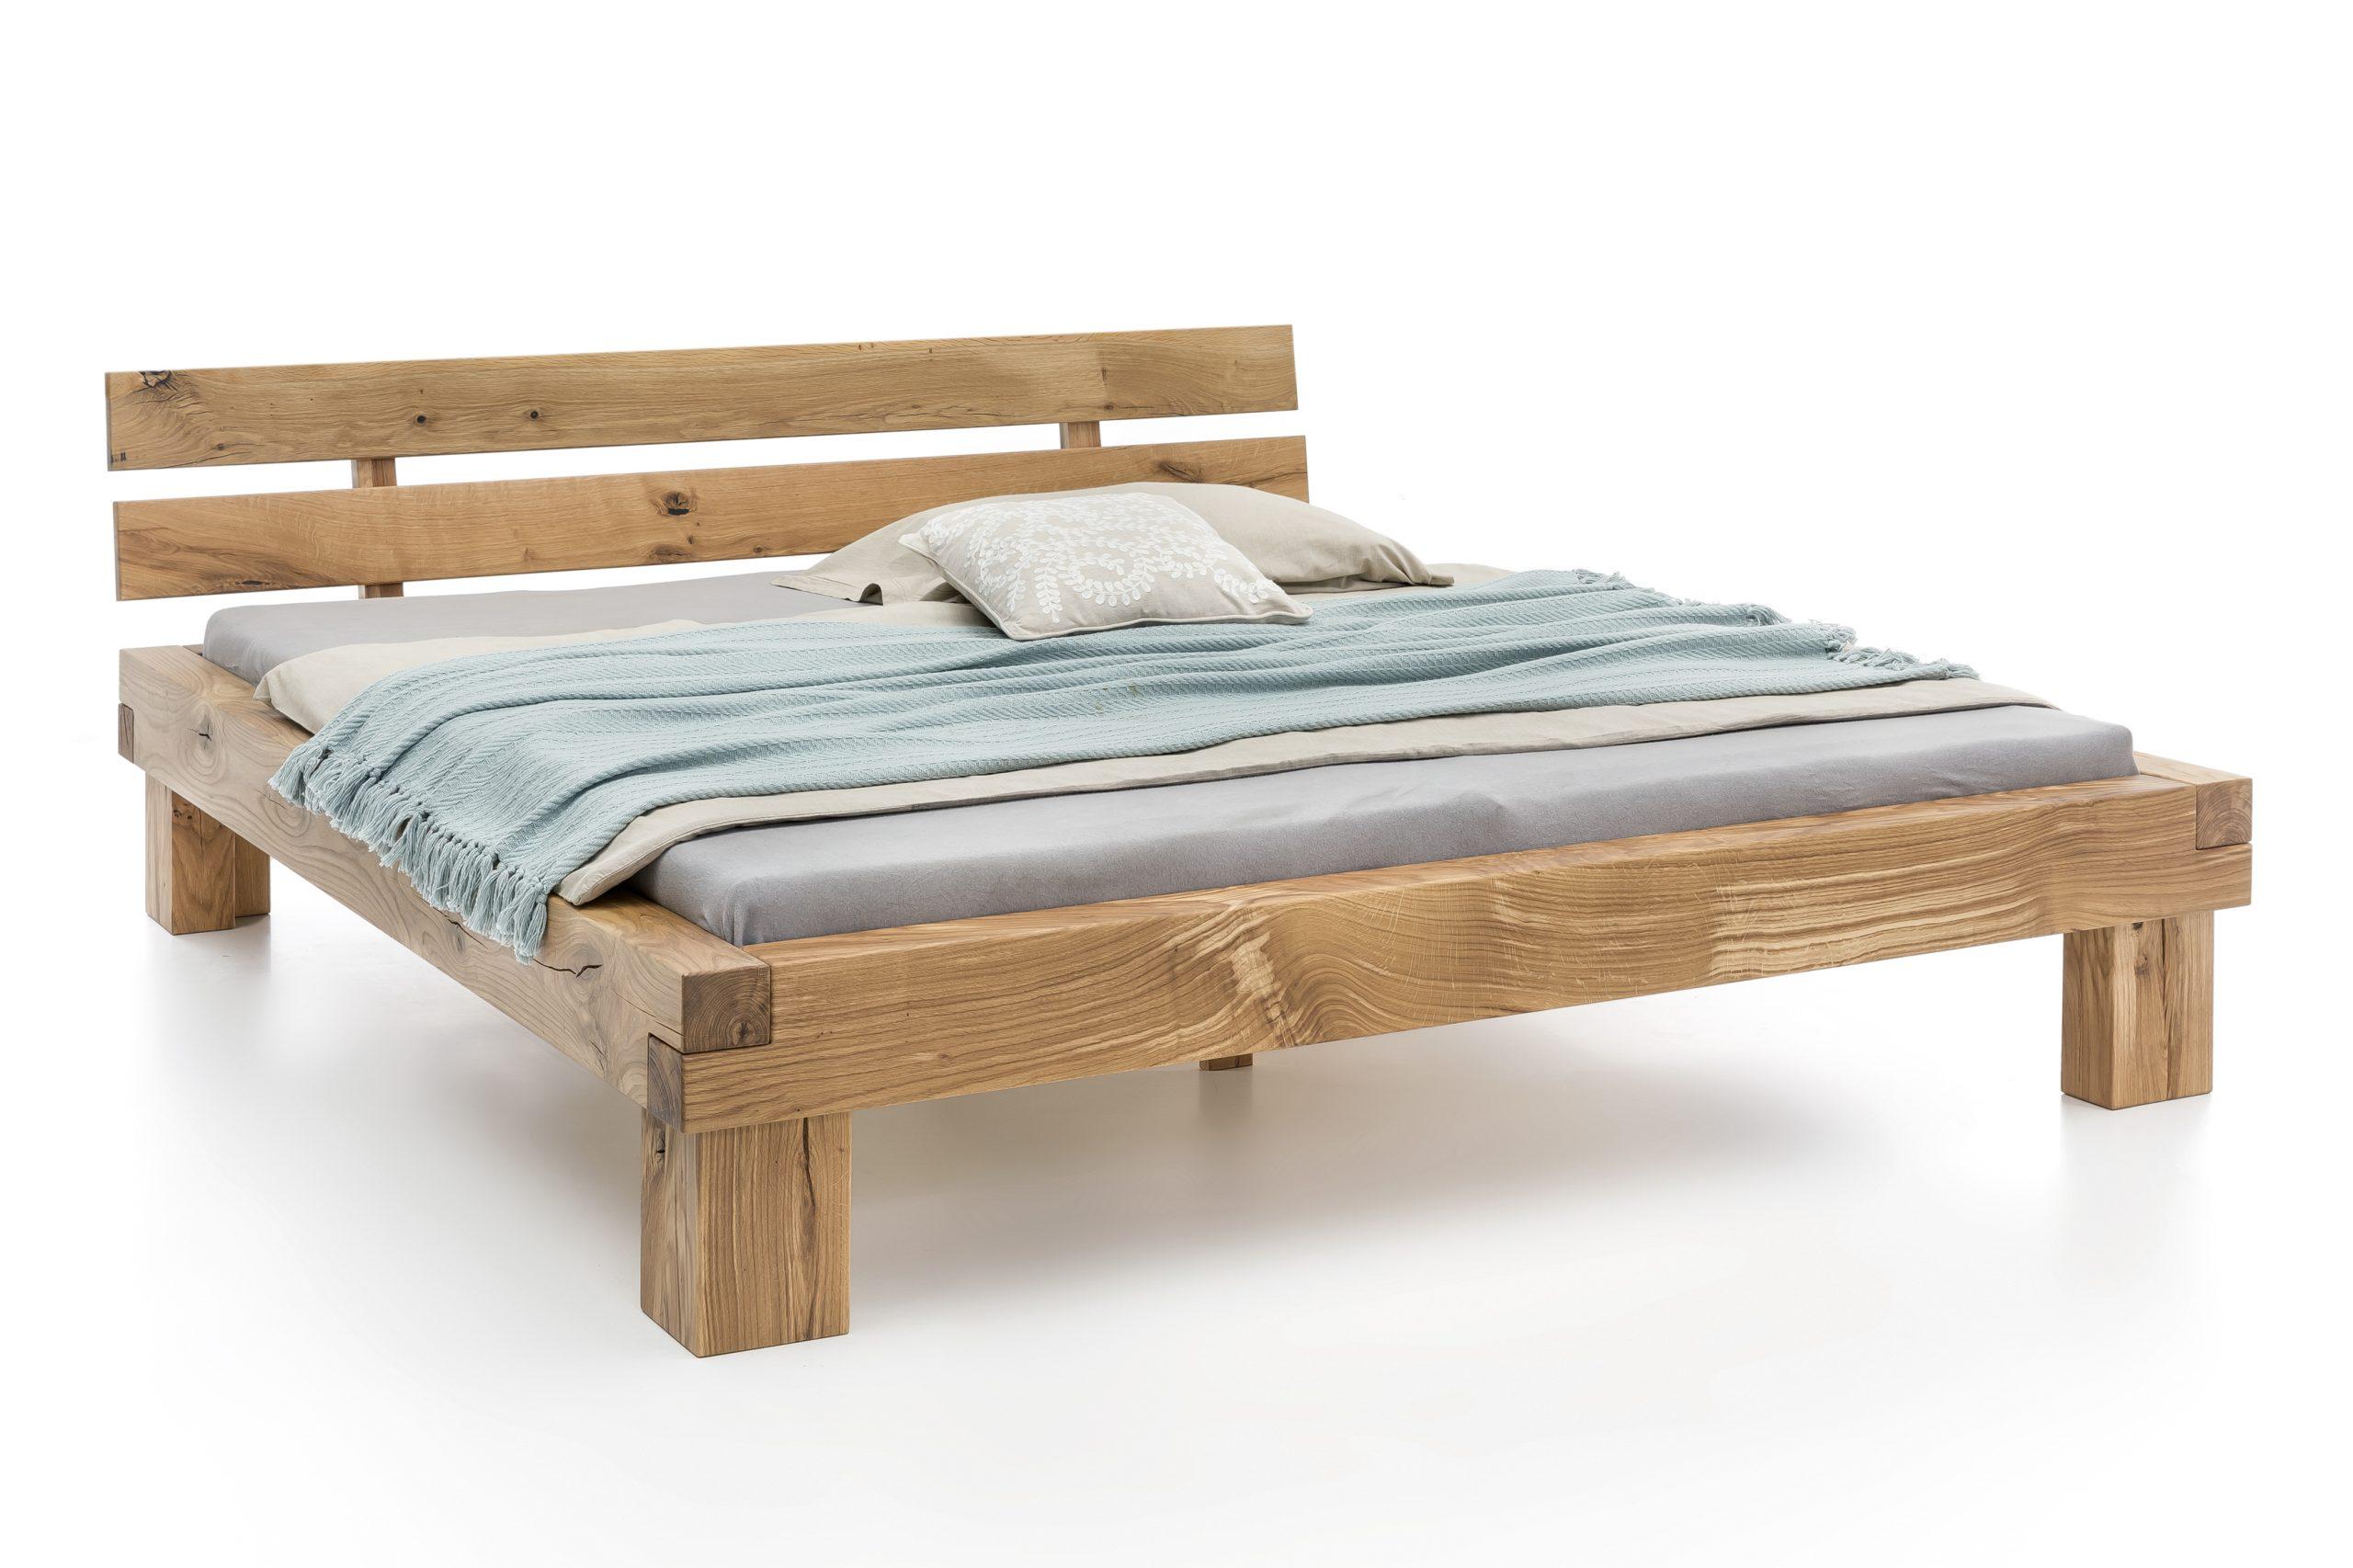 Full Size of Woodlive Massivholz Balkenbett Timber Bett Einzelbett Kaufen Günstig 140x220 Designer Betten Mit Aufbewahrung Tojo Bettkasten 90x200 Minion Metall 120 Cm Bett Bett Balken